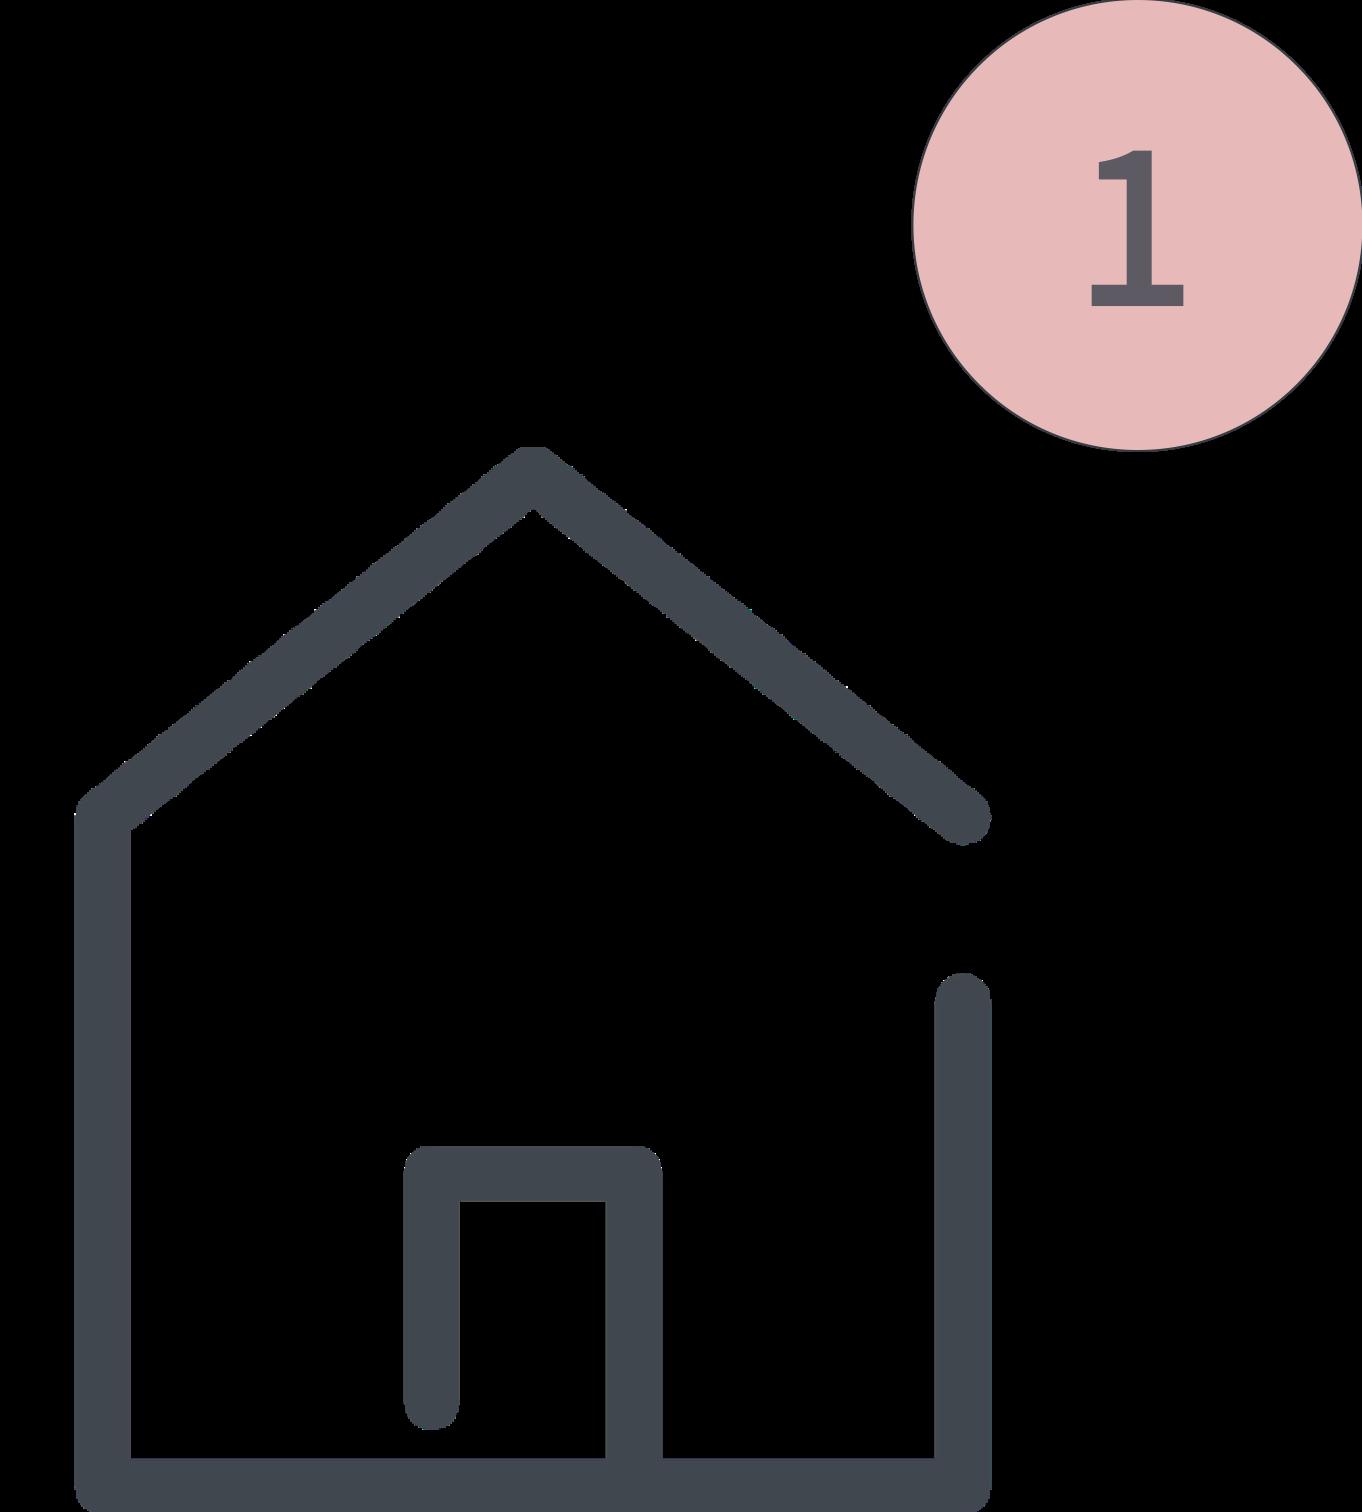 Das Bild zeigt einen Icon für den 1. Schritt der Tiny House Beratung. Zu sehen ist ein kleines Haus.